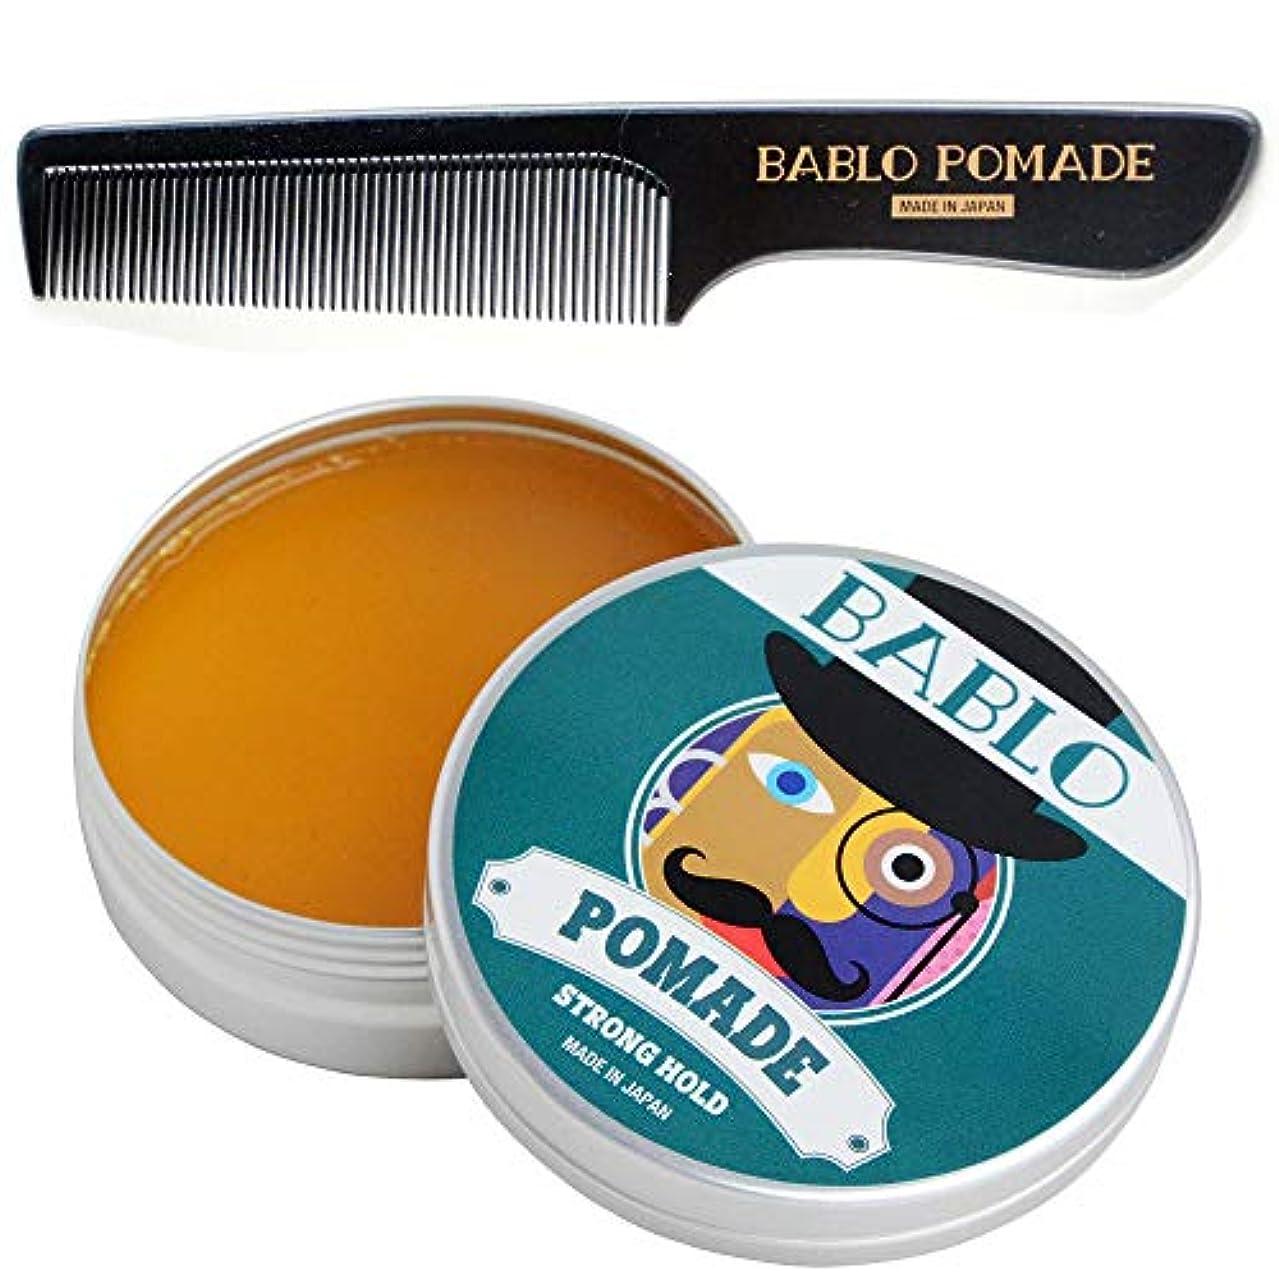 毎週極めて重要なバスバブロ ポマード(BABLO POMADE) ストロング ホールド メンズ 整髪料 水性 ヘアグリース (単品&オリジナルコーム付)